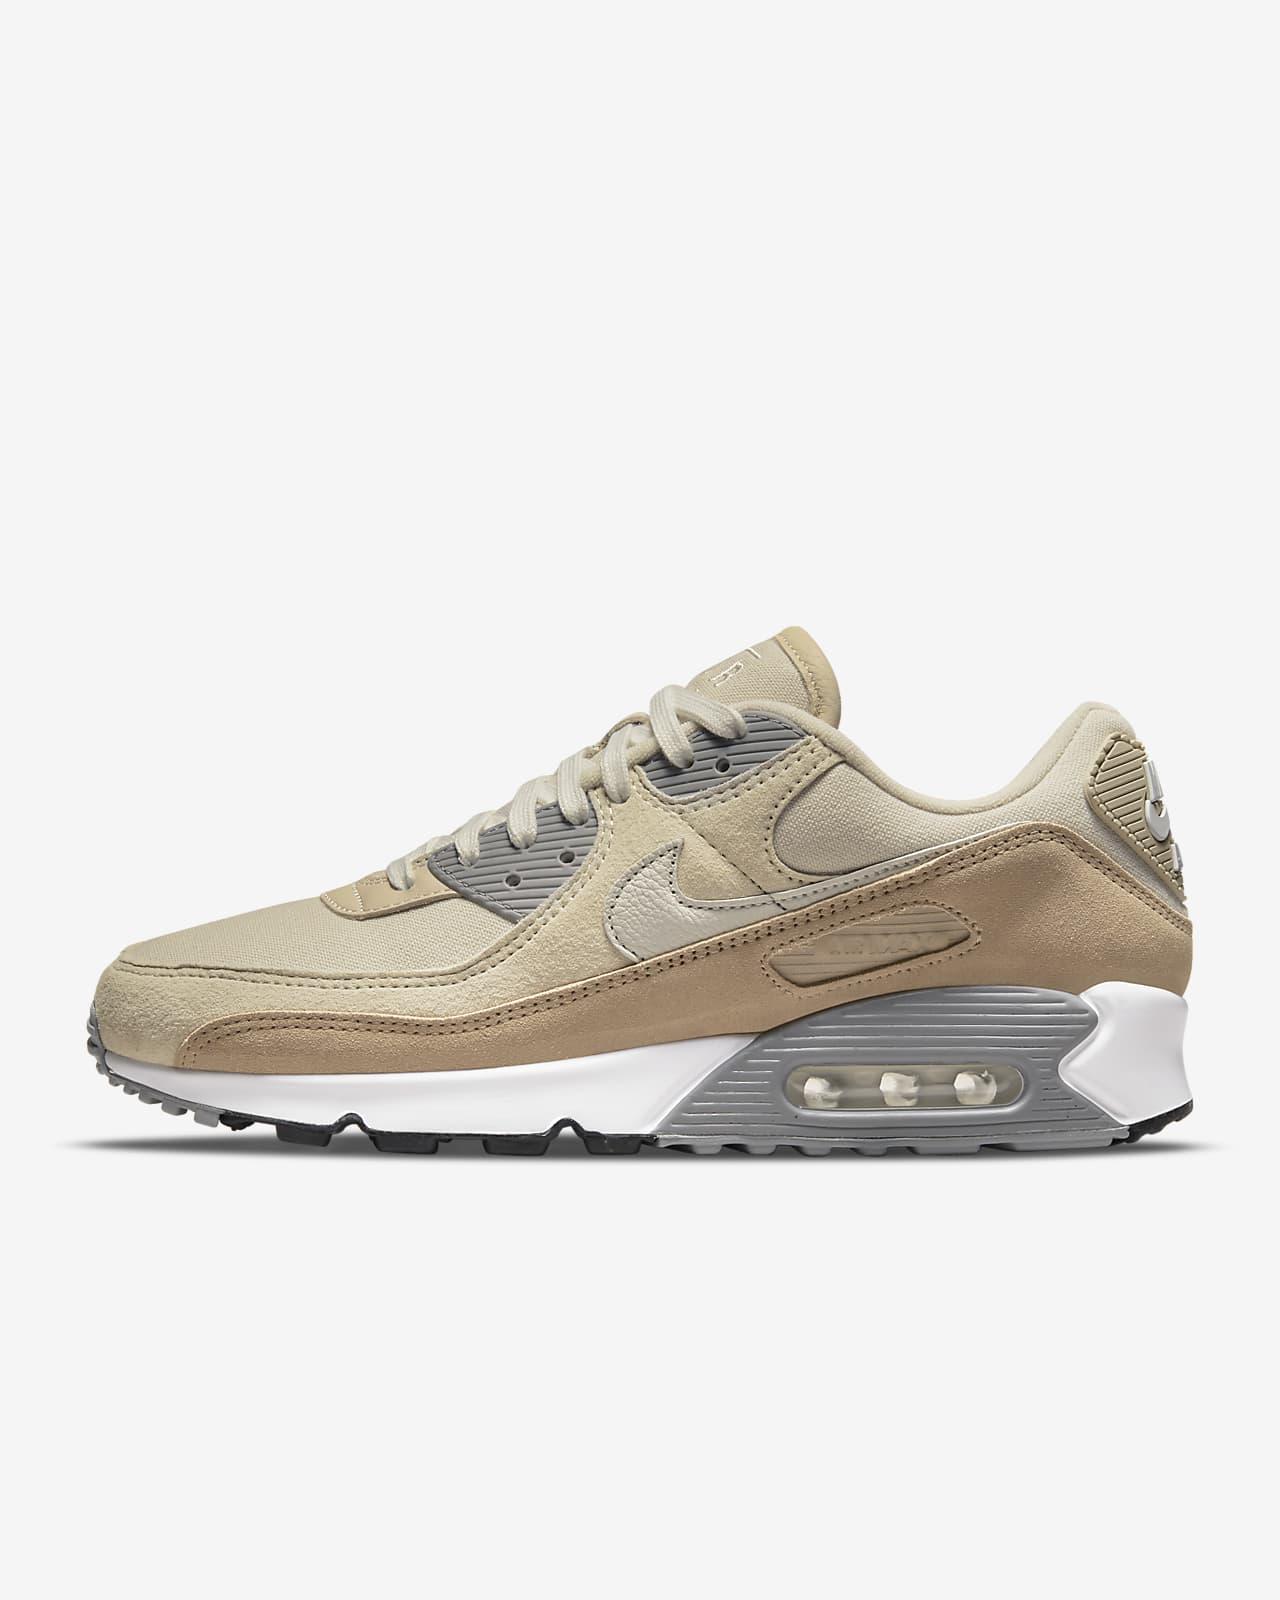 Nike Air Max 90 Premium Men's Shoe. Nike LU